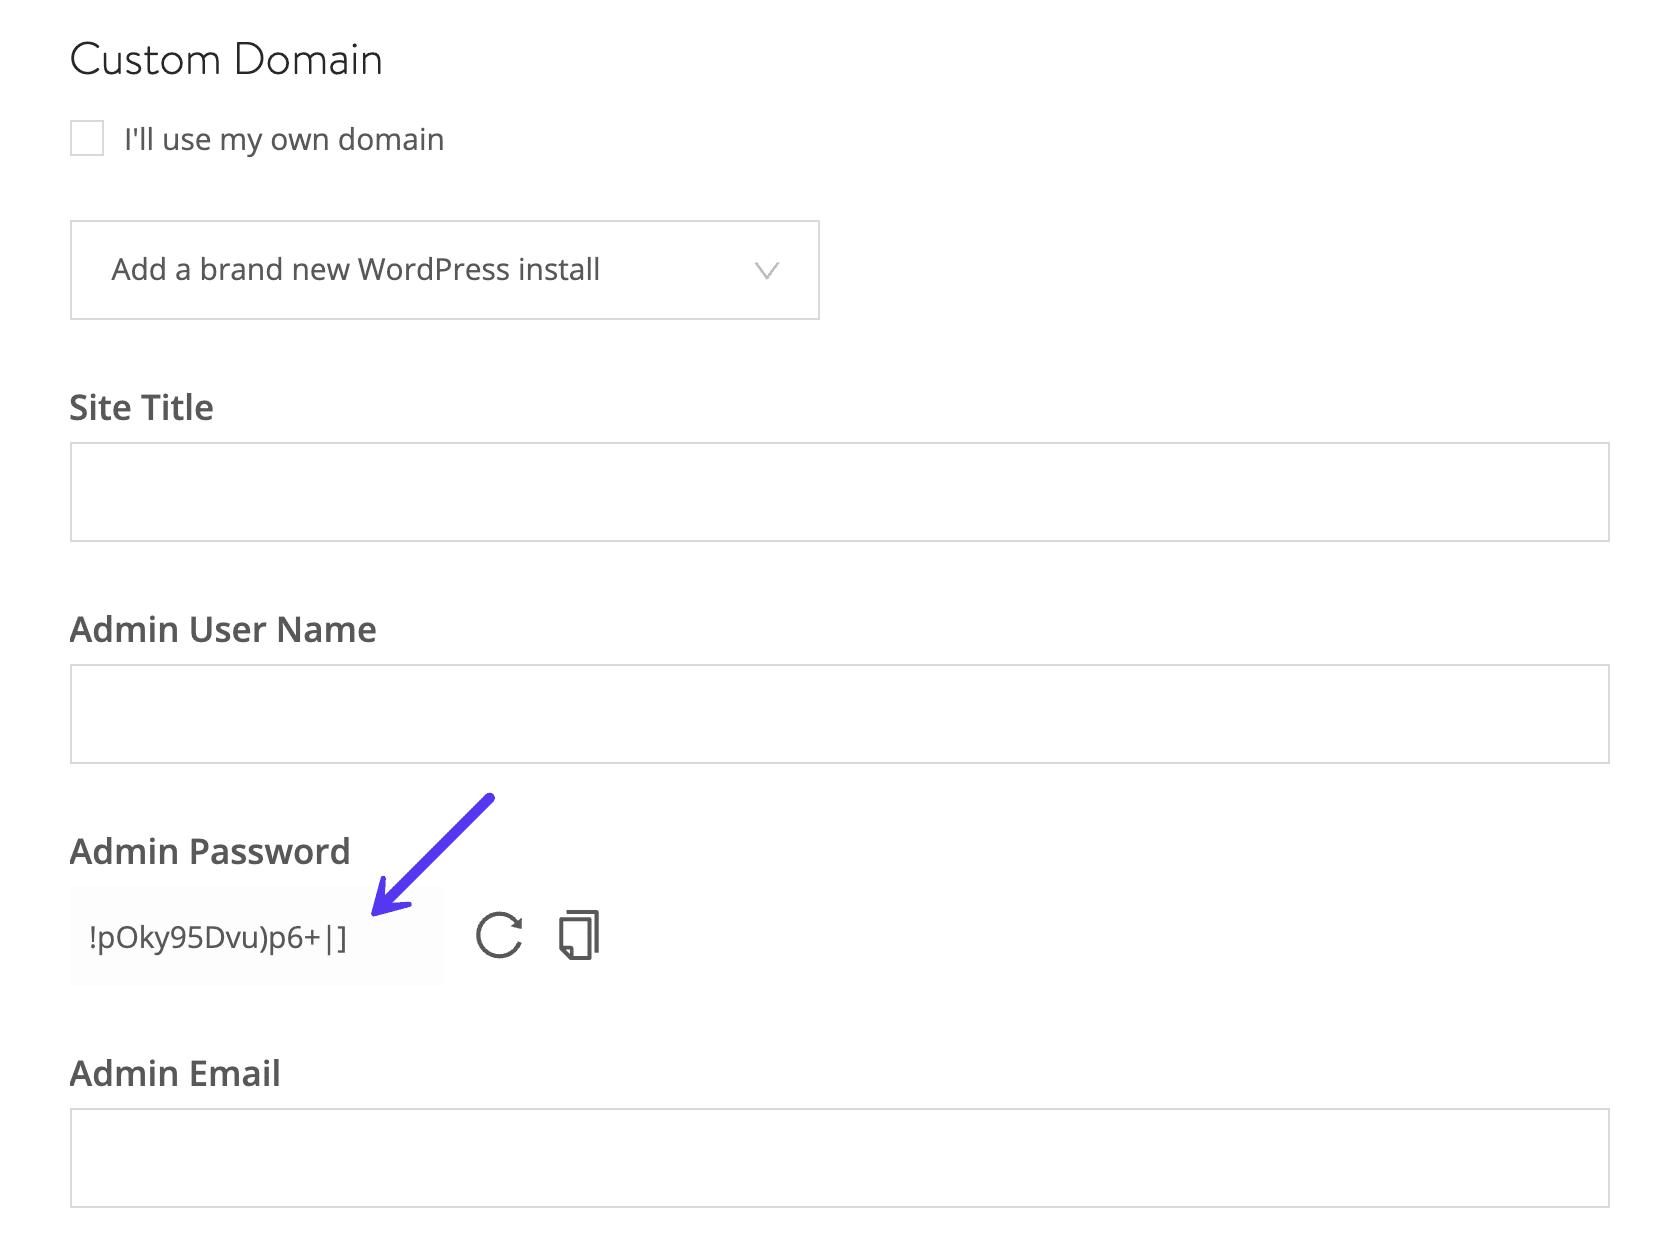 Forzaruna contraseña de WordPress segura